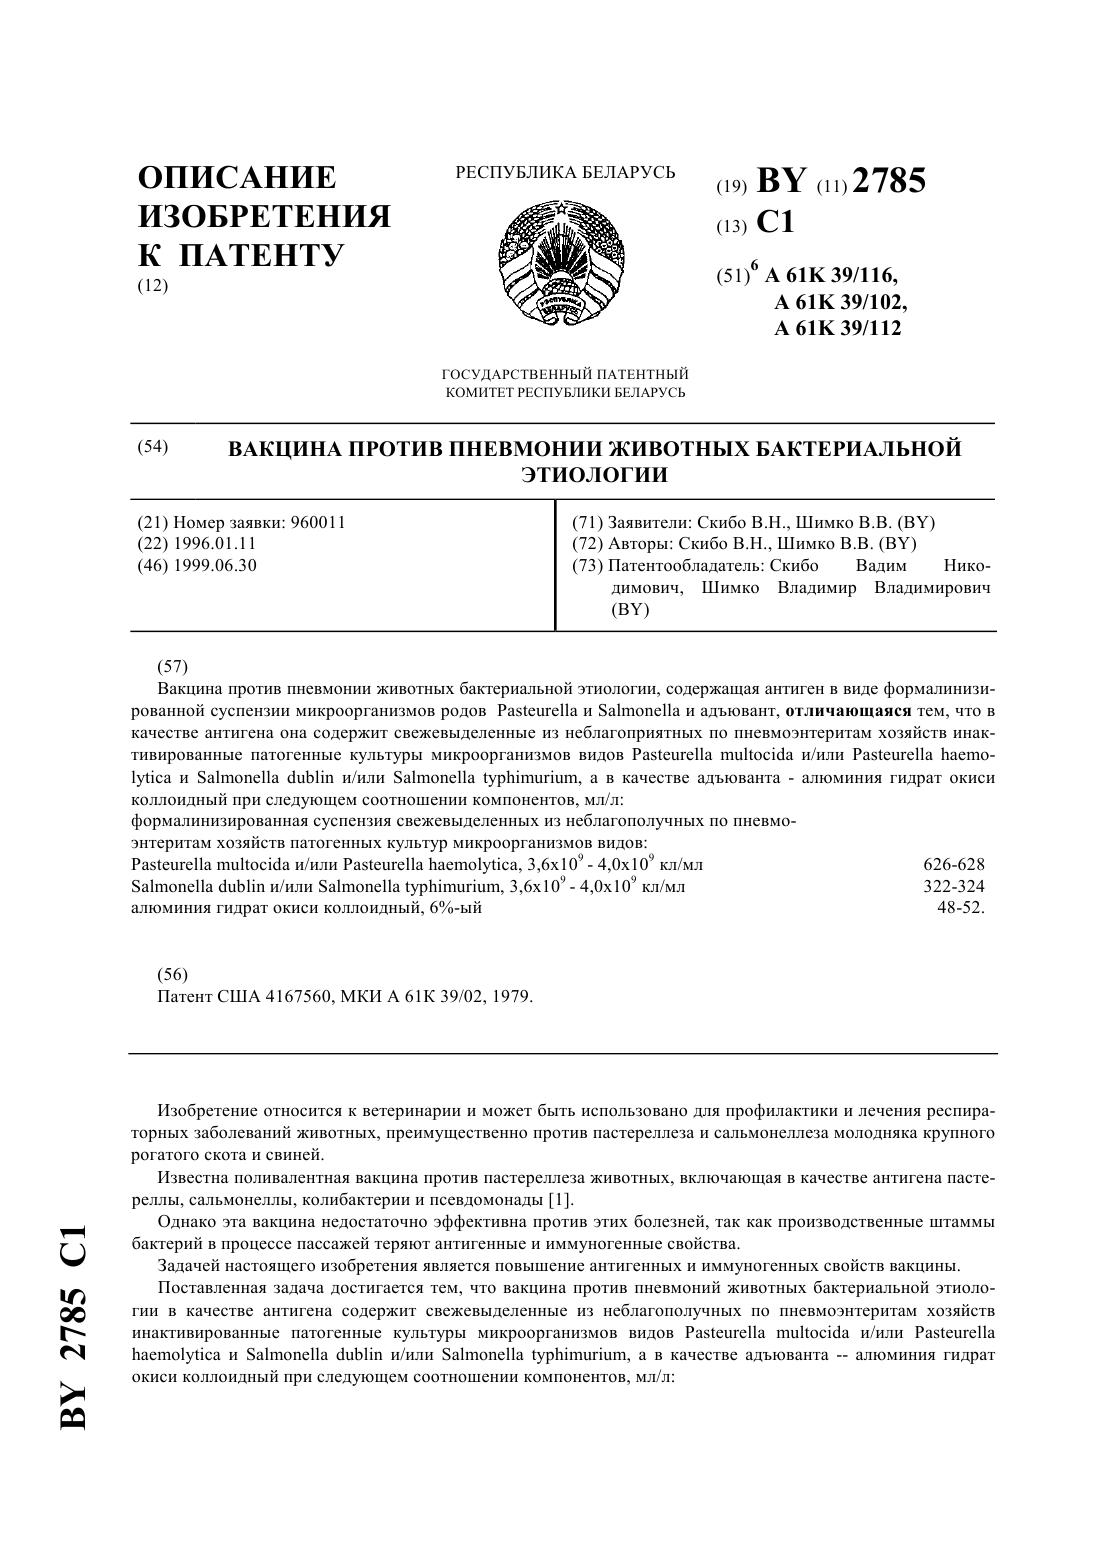 вакцина против пастереллеза жвачных инструкция по применению